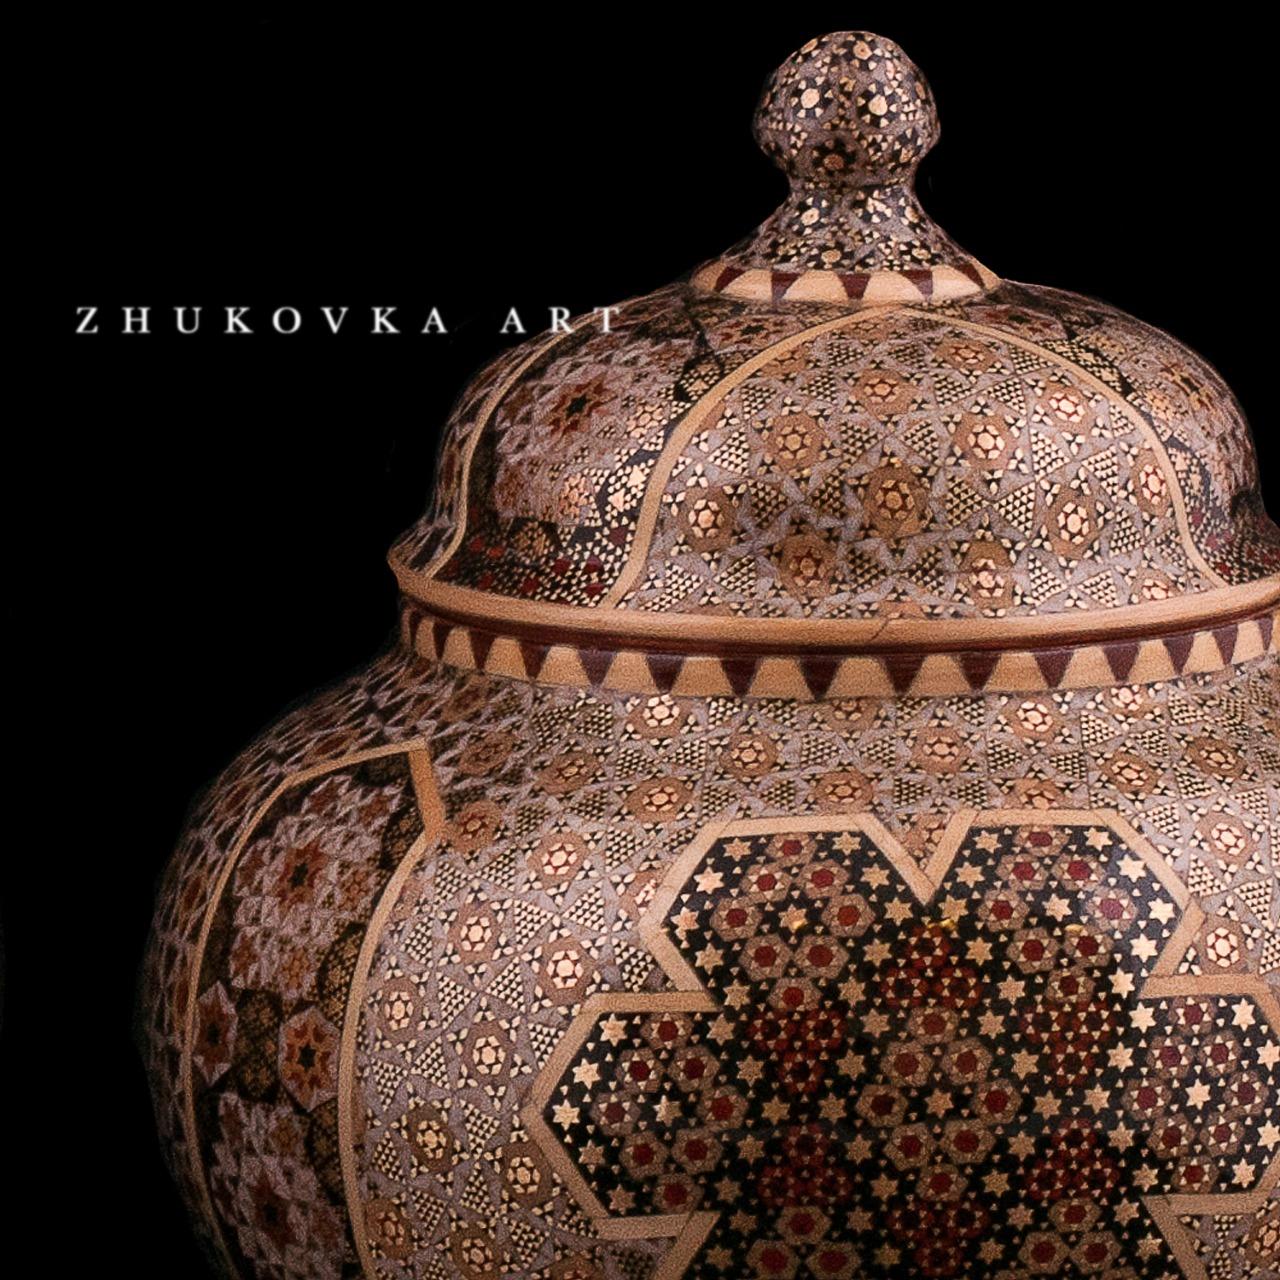 konfetnica-posuda-iran-mozaika-hatam-zhukovka-art